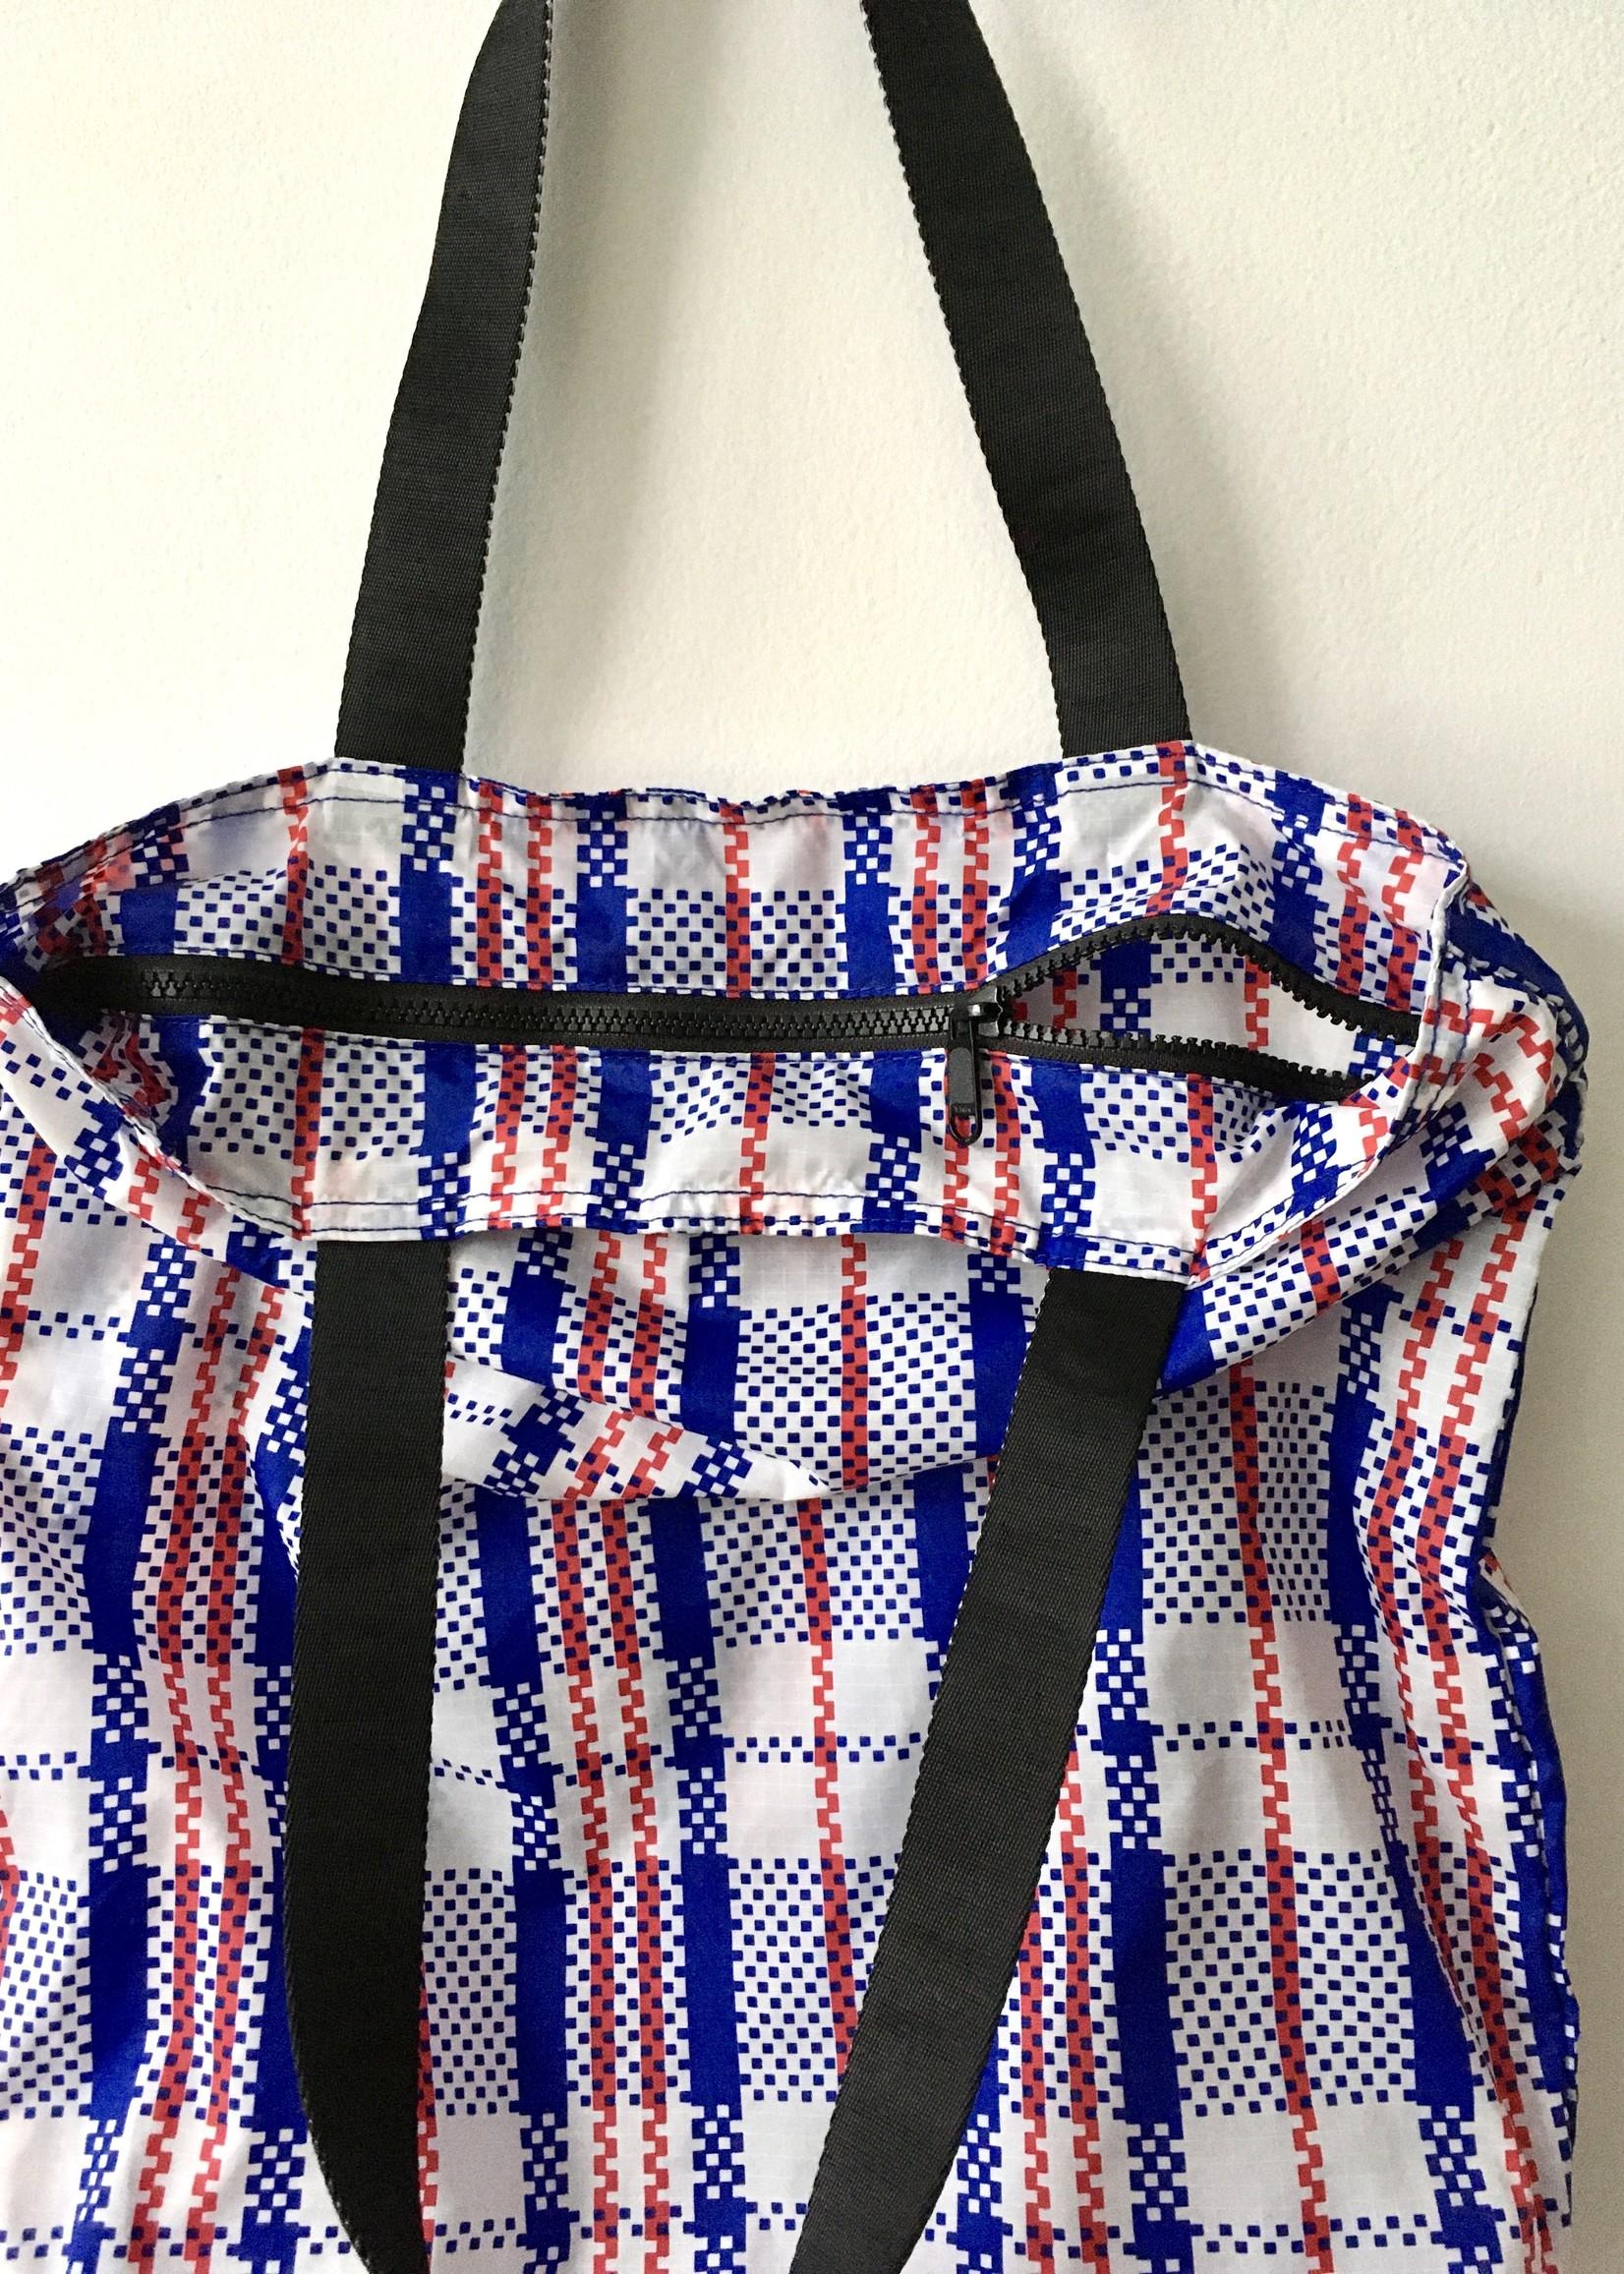 Baggu Zip Tote Bags